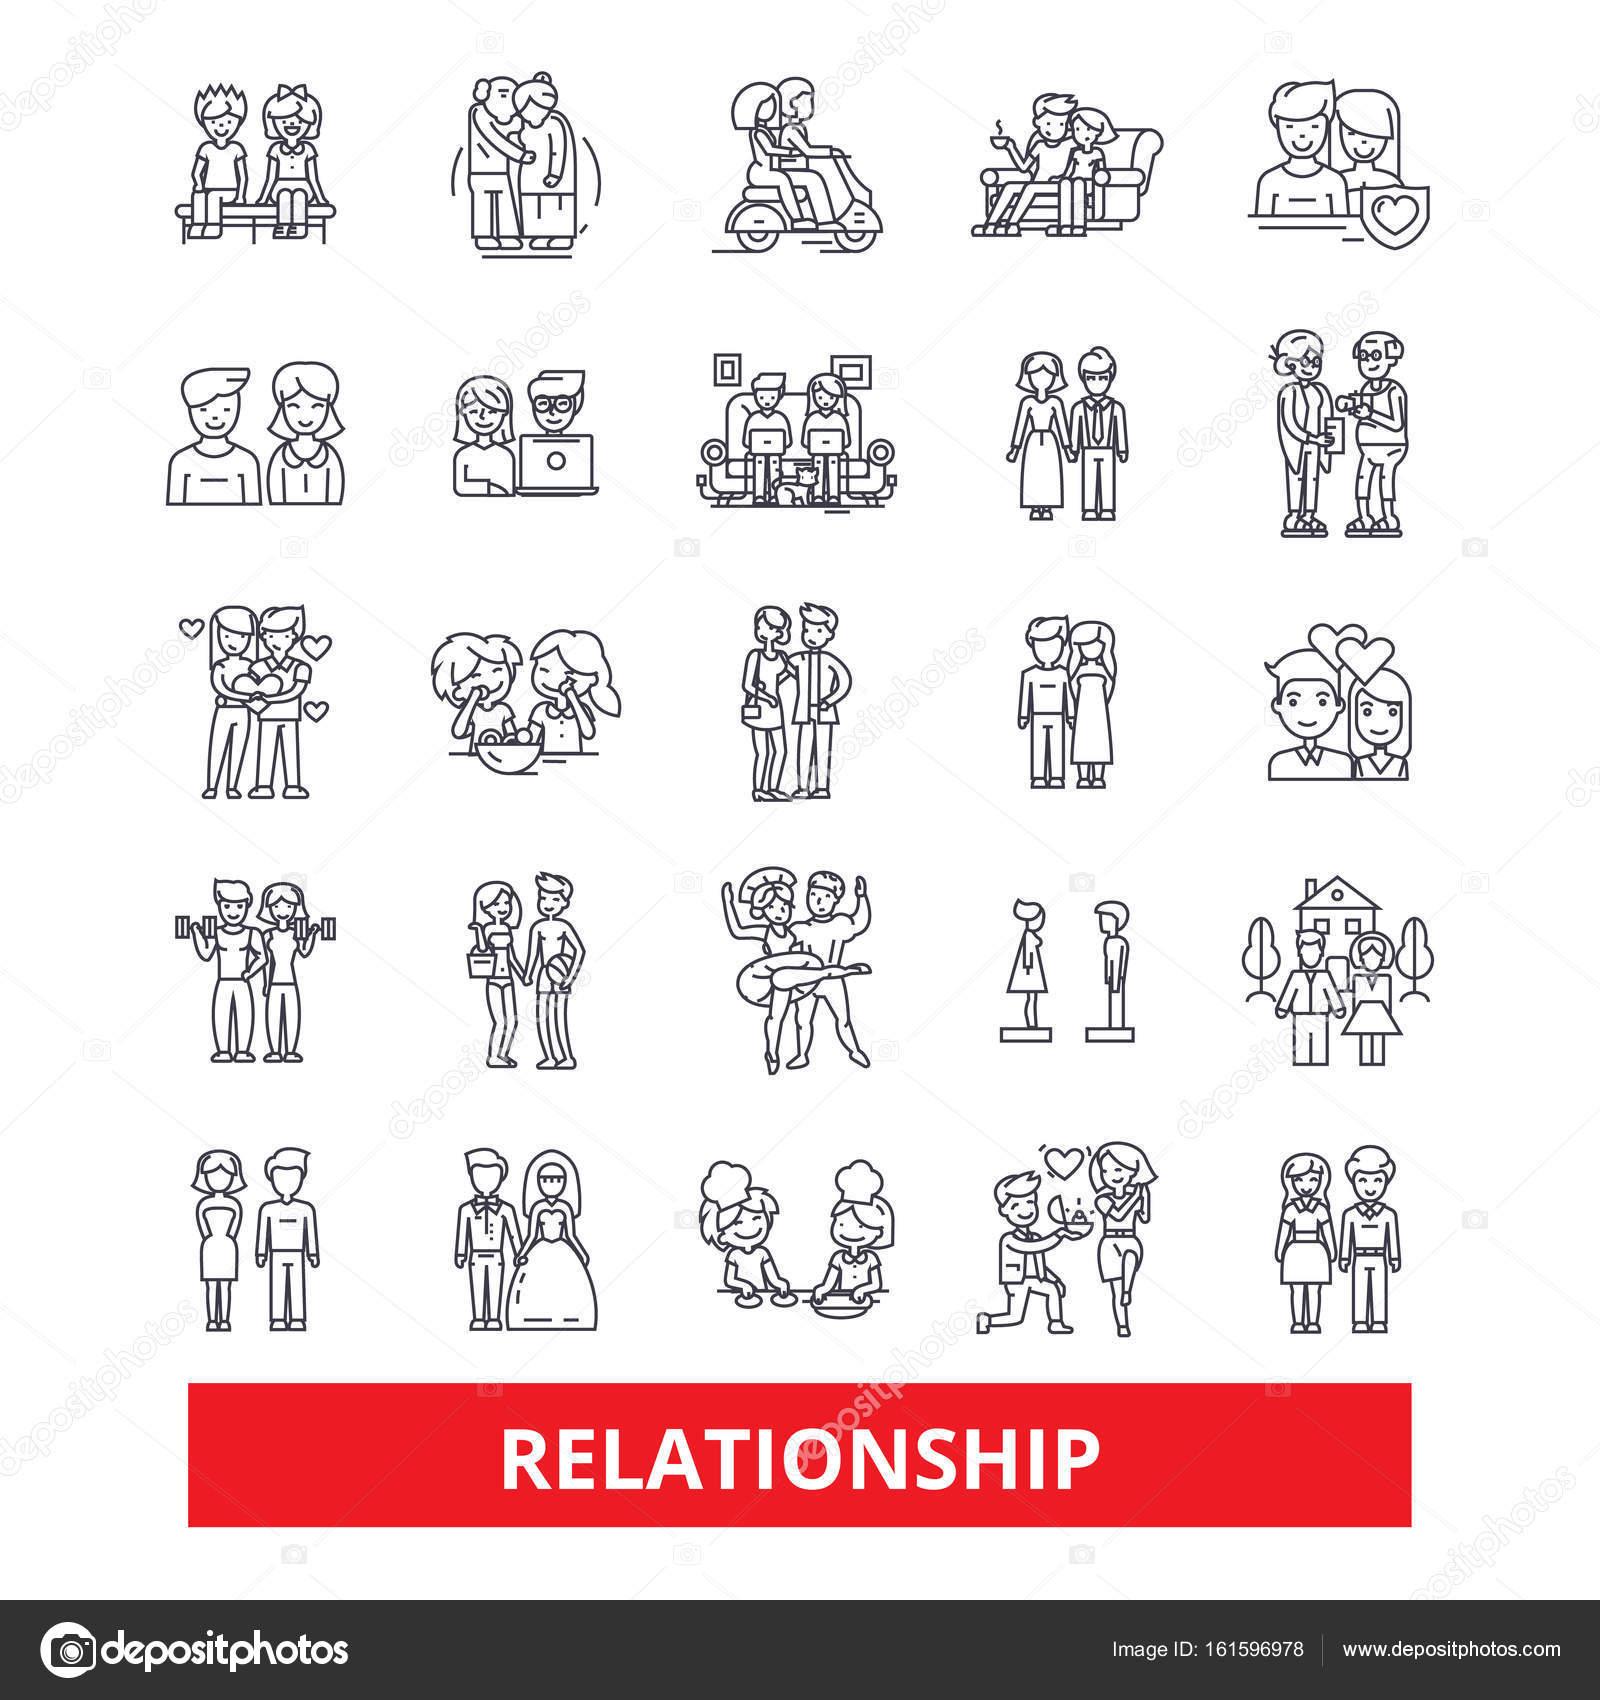 δωρεάν αυτισμό ιστοσελίδα dating